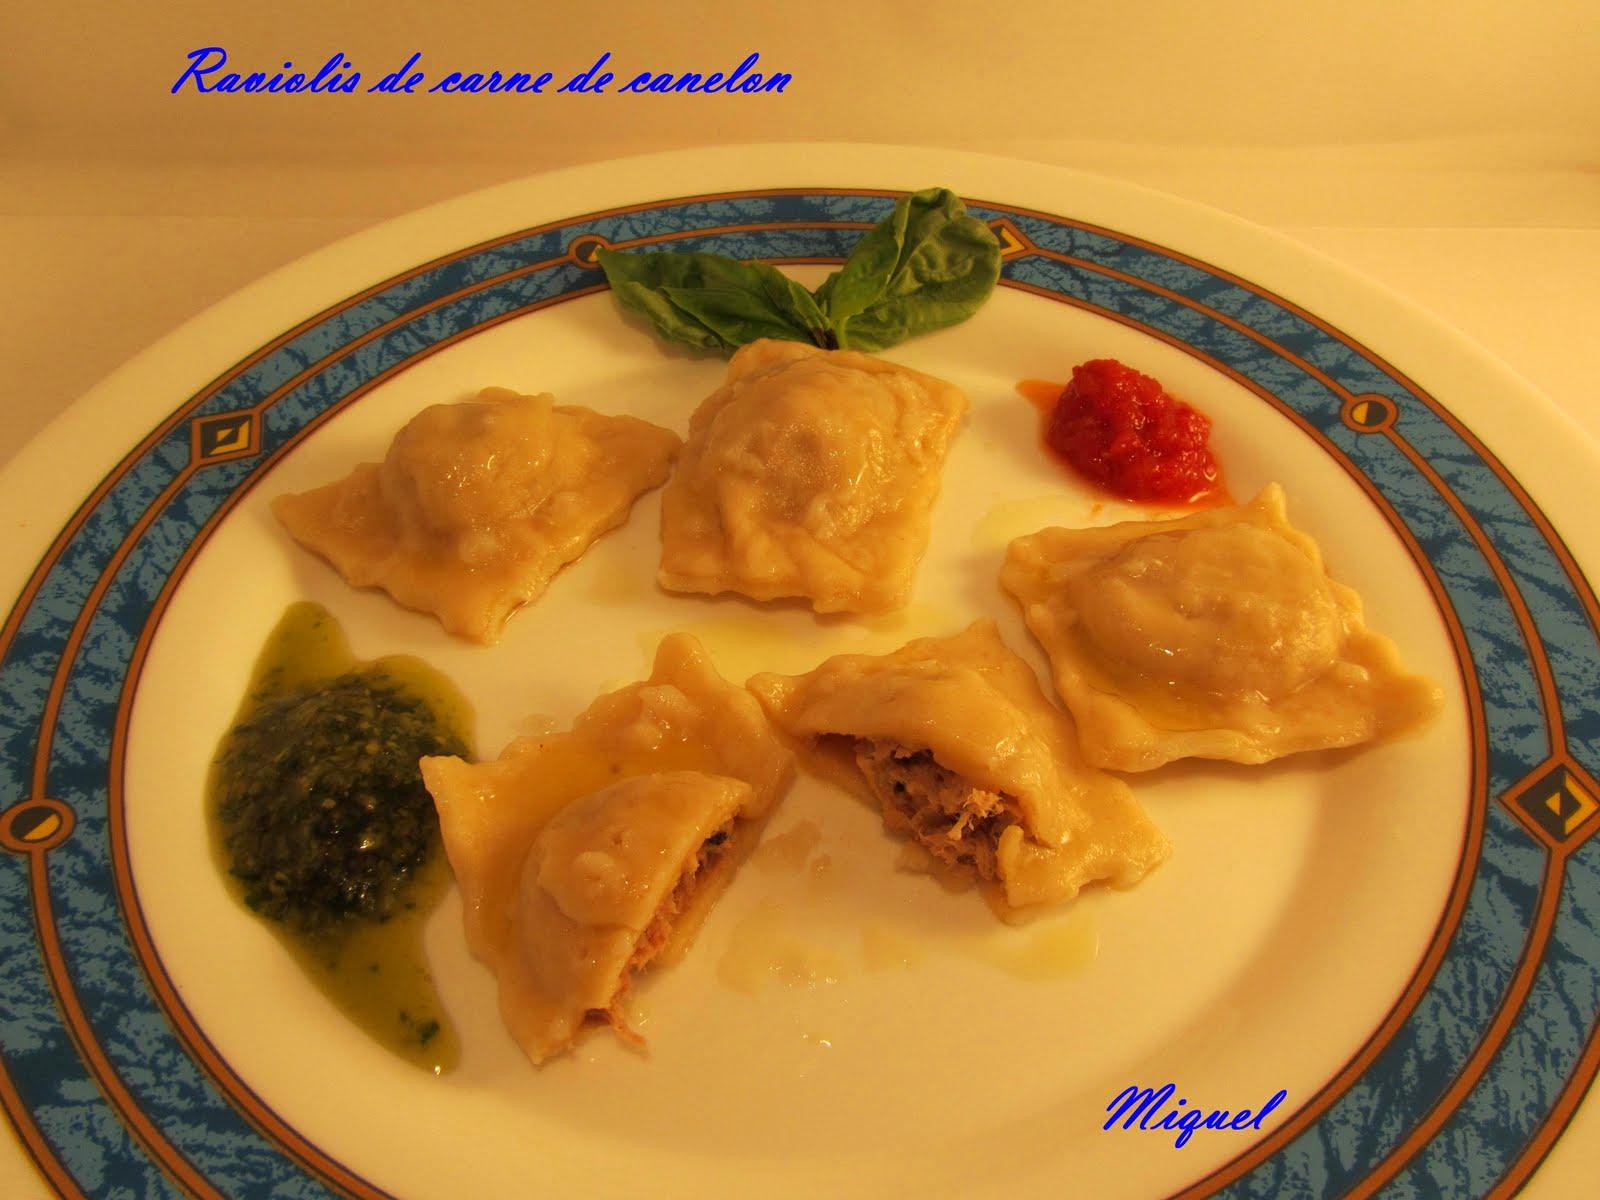 raviolis+de+carne+de+canelon+y+salsa+de+tomate+y+pesto.jpg